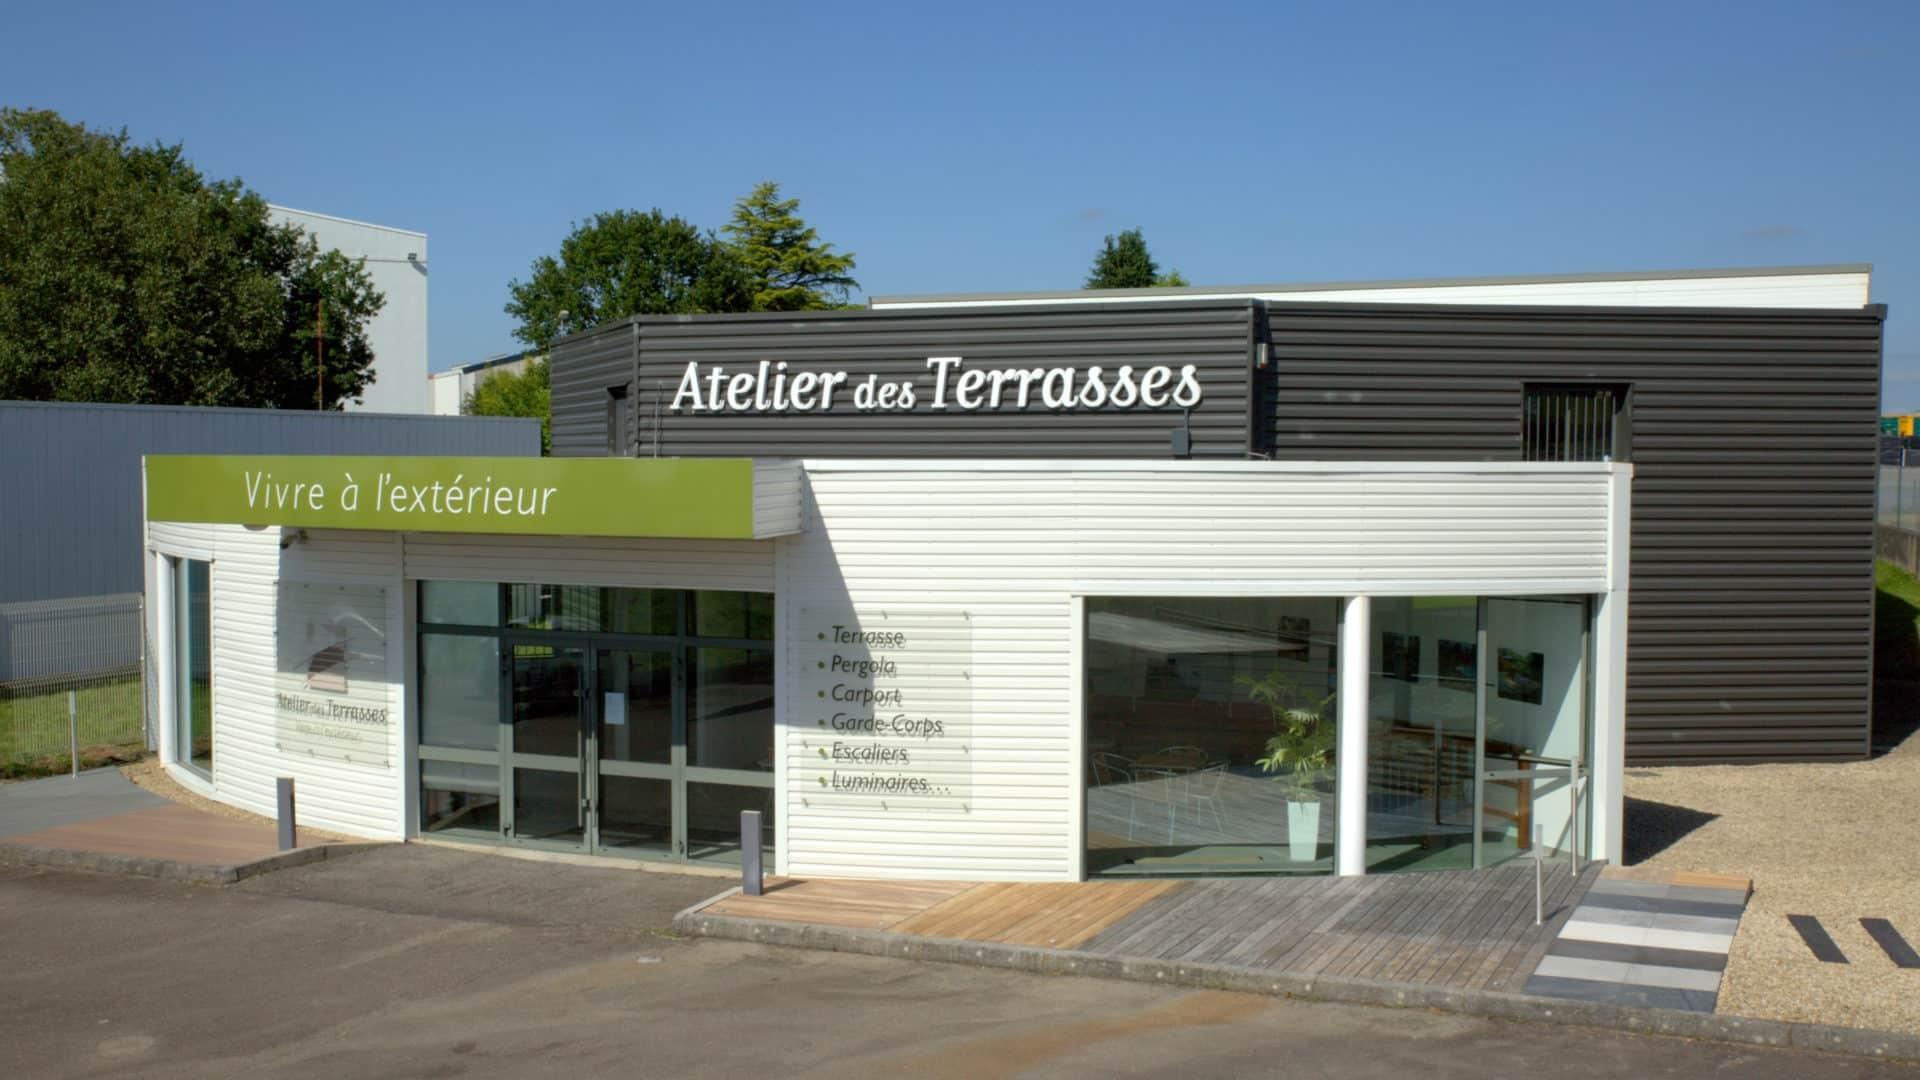 Actualités Atelier des Terrasses, Quimper Finistère Morbihan